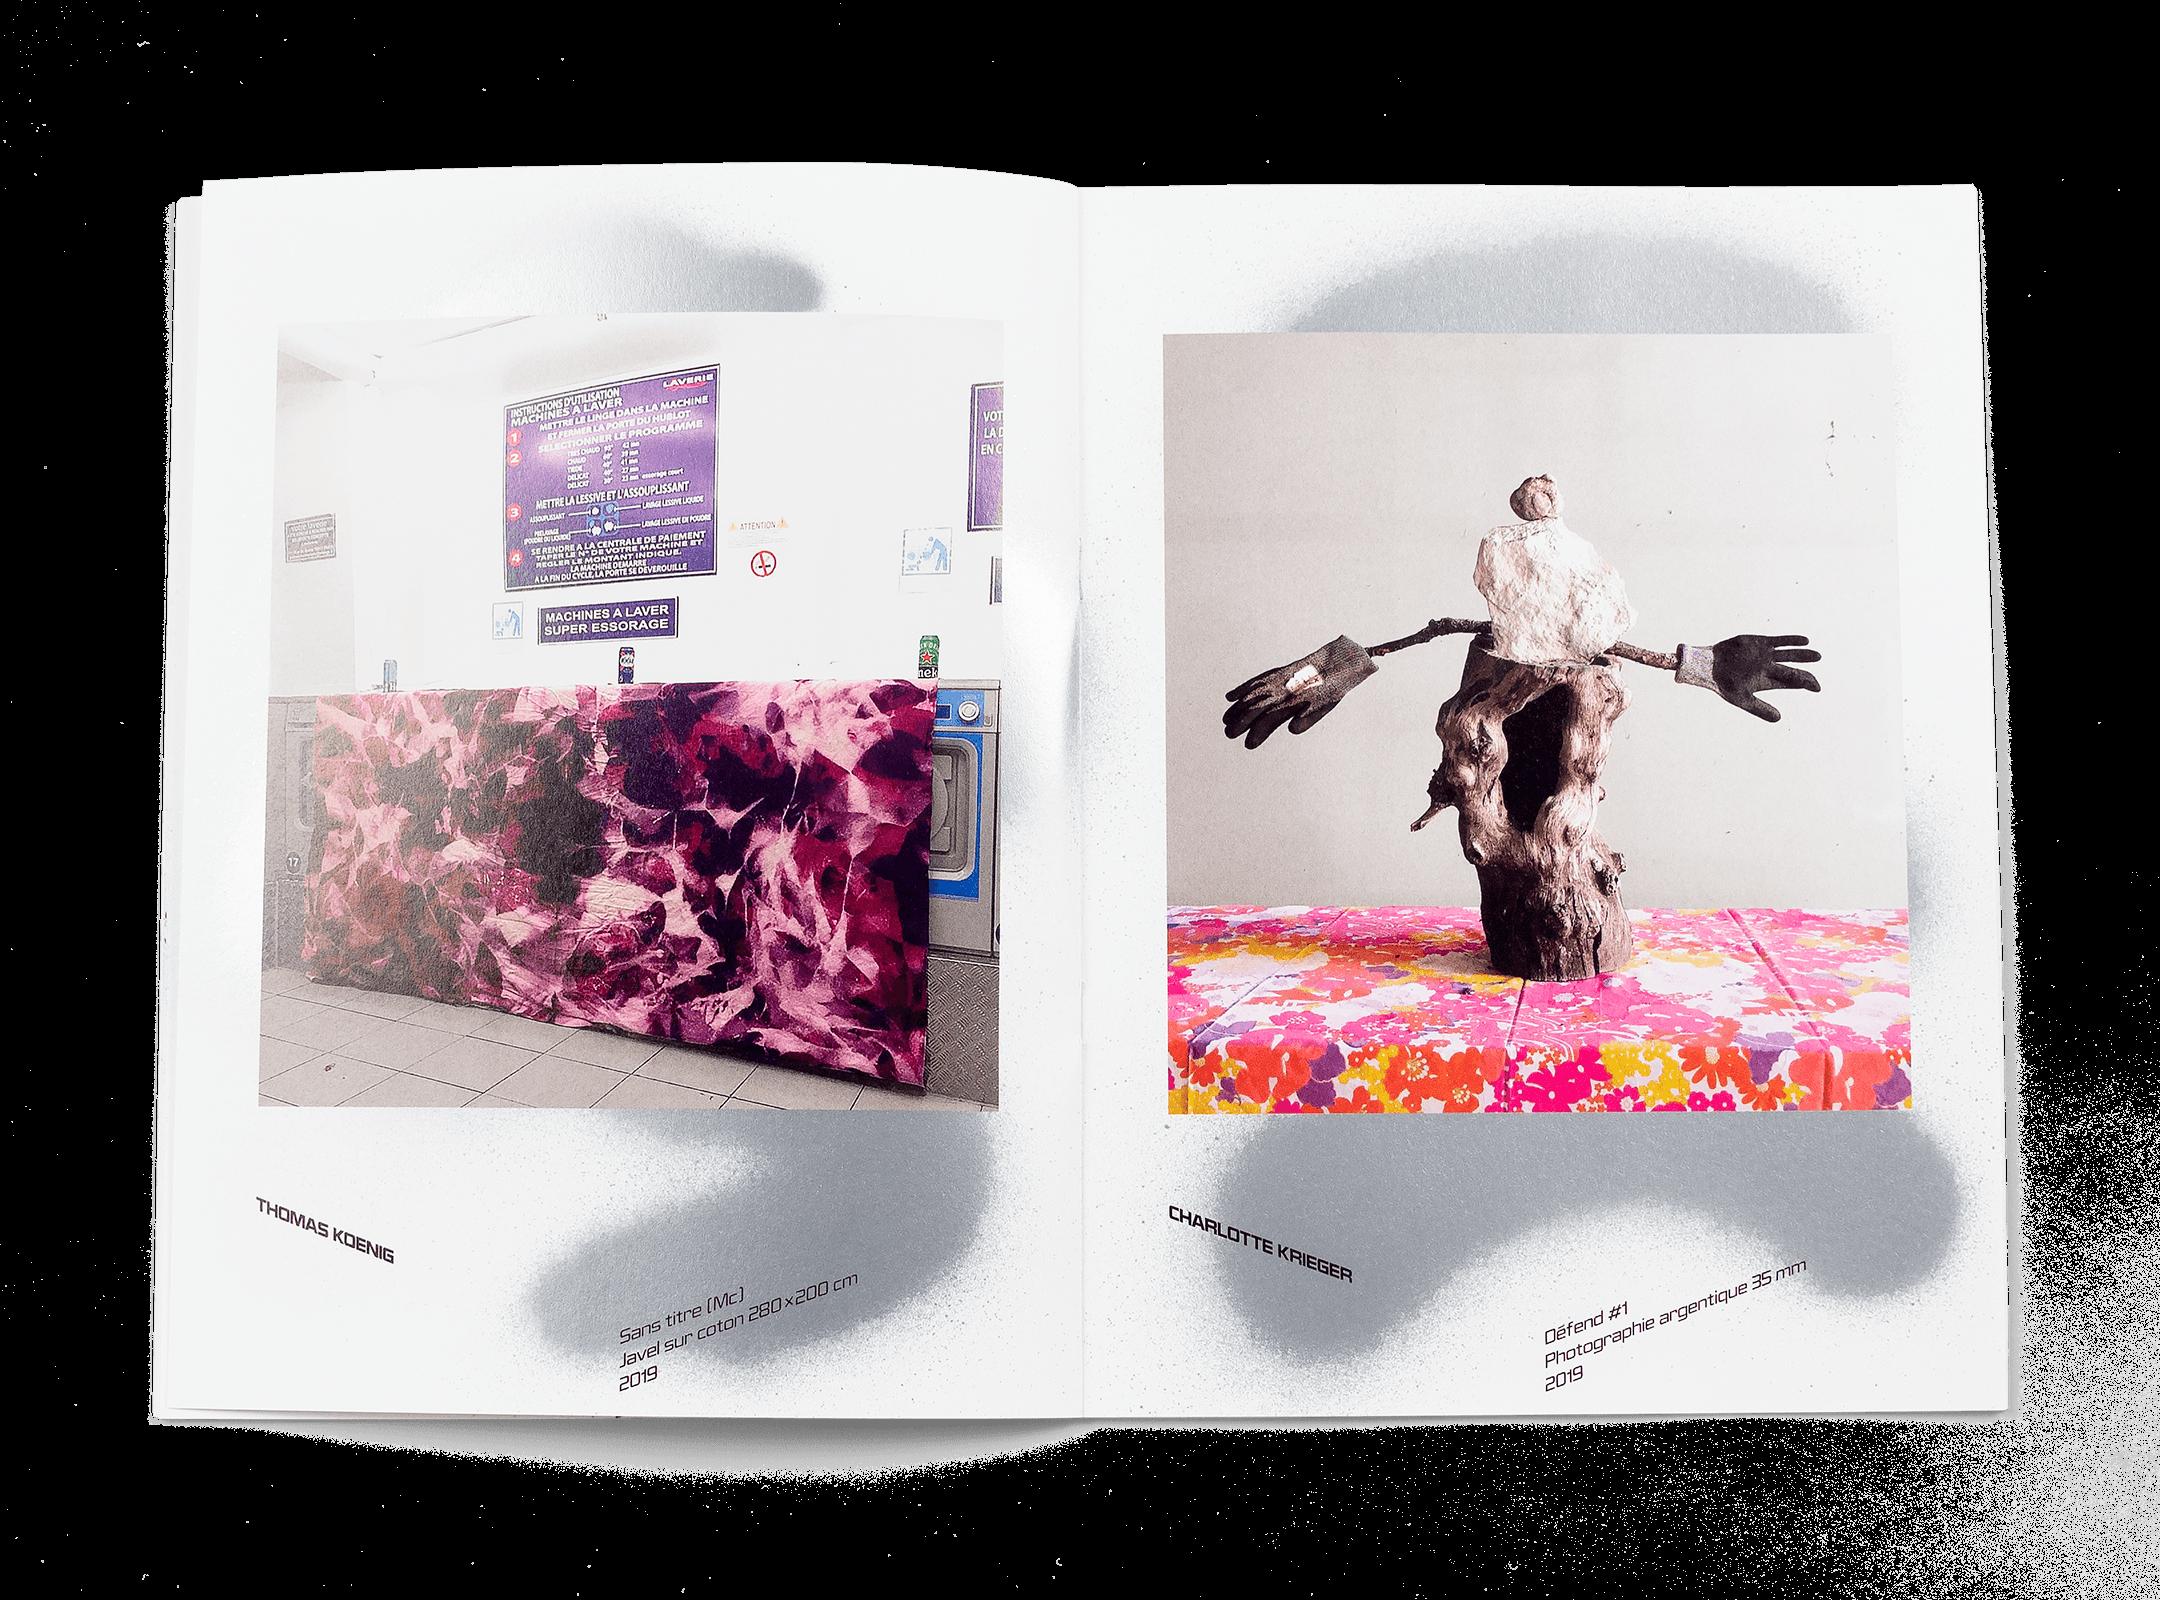 Œuvres de Thomas Koenig et Charlotte Krieger dans la brochure de l'exposition de Simon Paccaud à la Ferme de la Chapelle